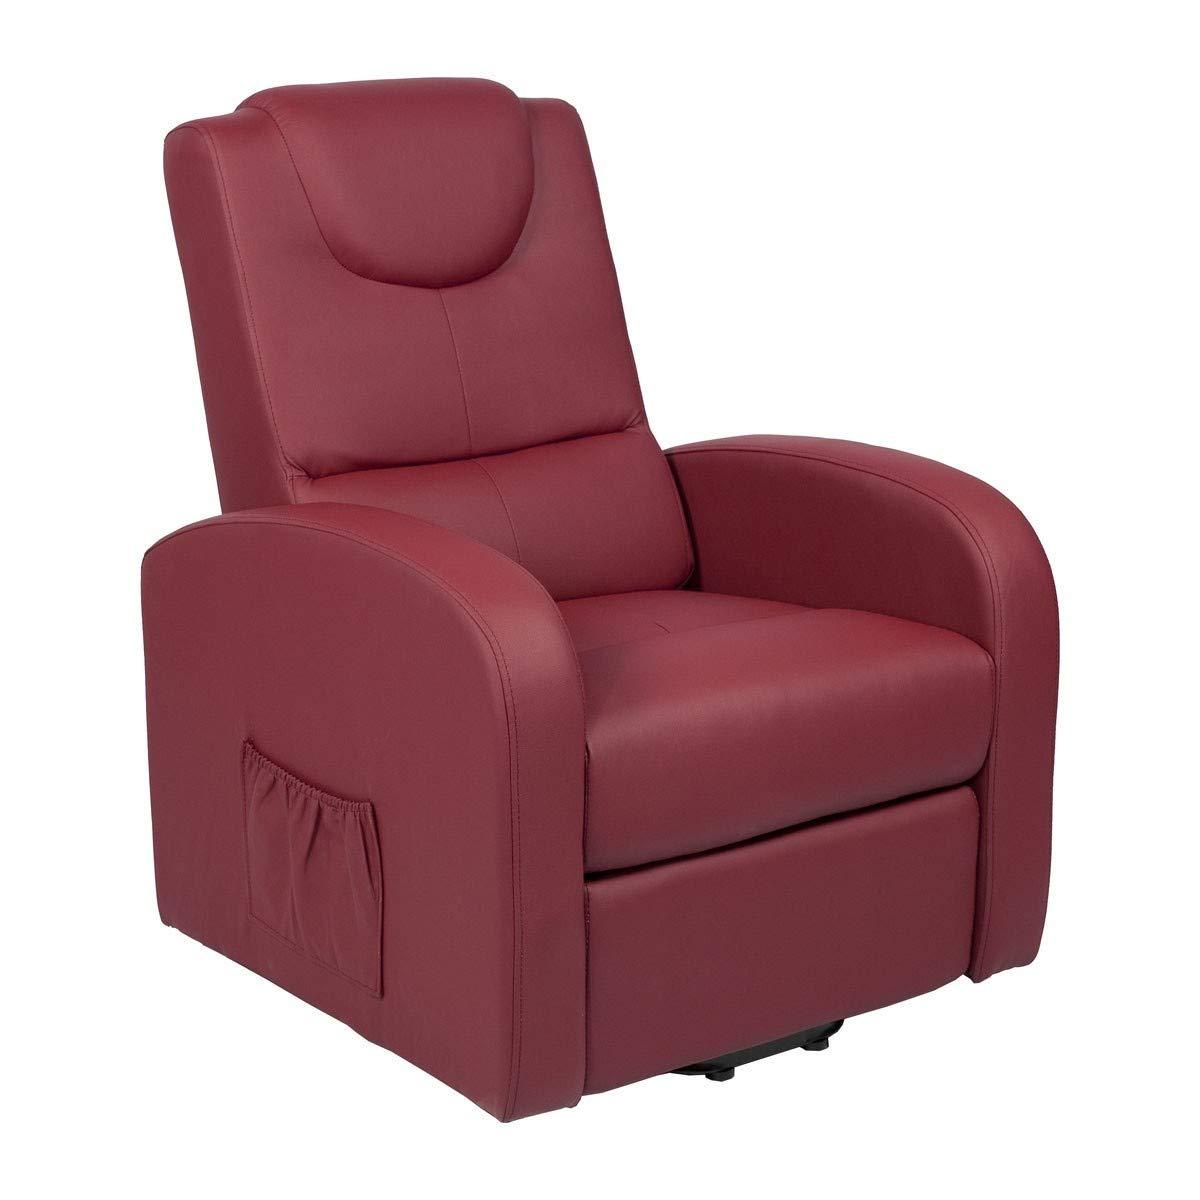 Sillon-Relax - Sillòn eléctrico elevable, reclinaciòn del ...